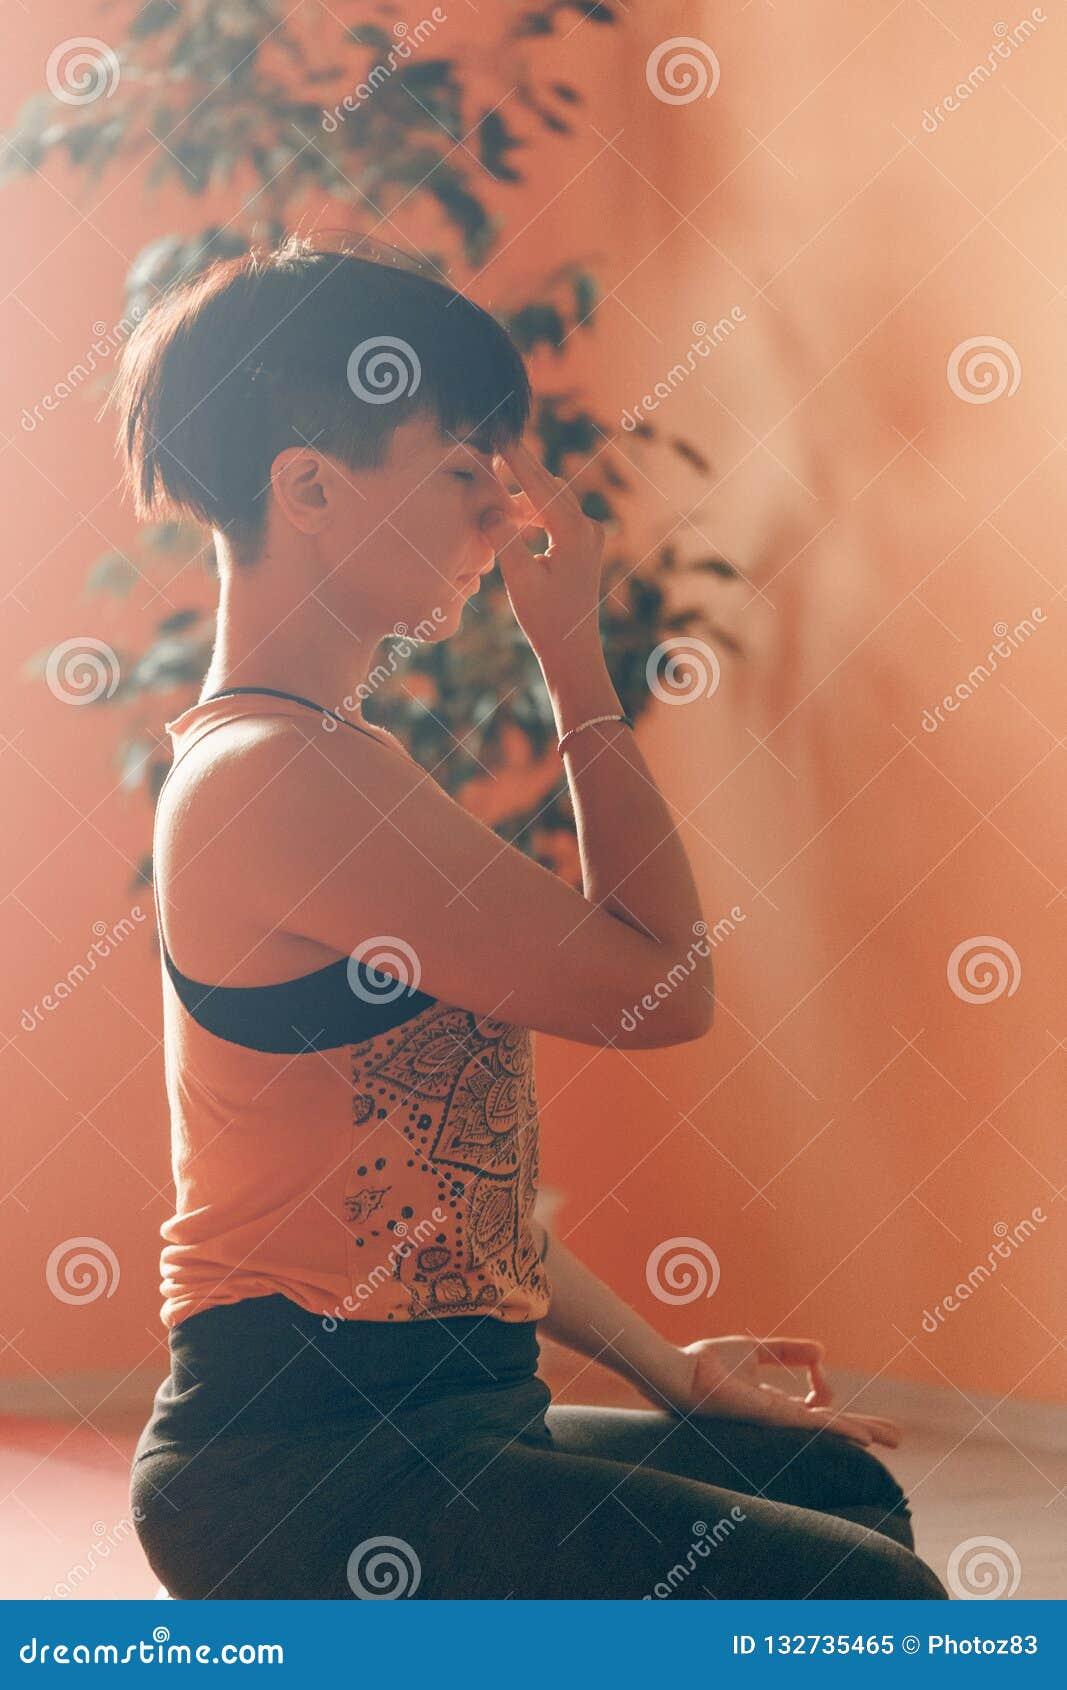 Exercício de respiração praticando da narina alternativa da ioga da jovem mulher